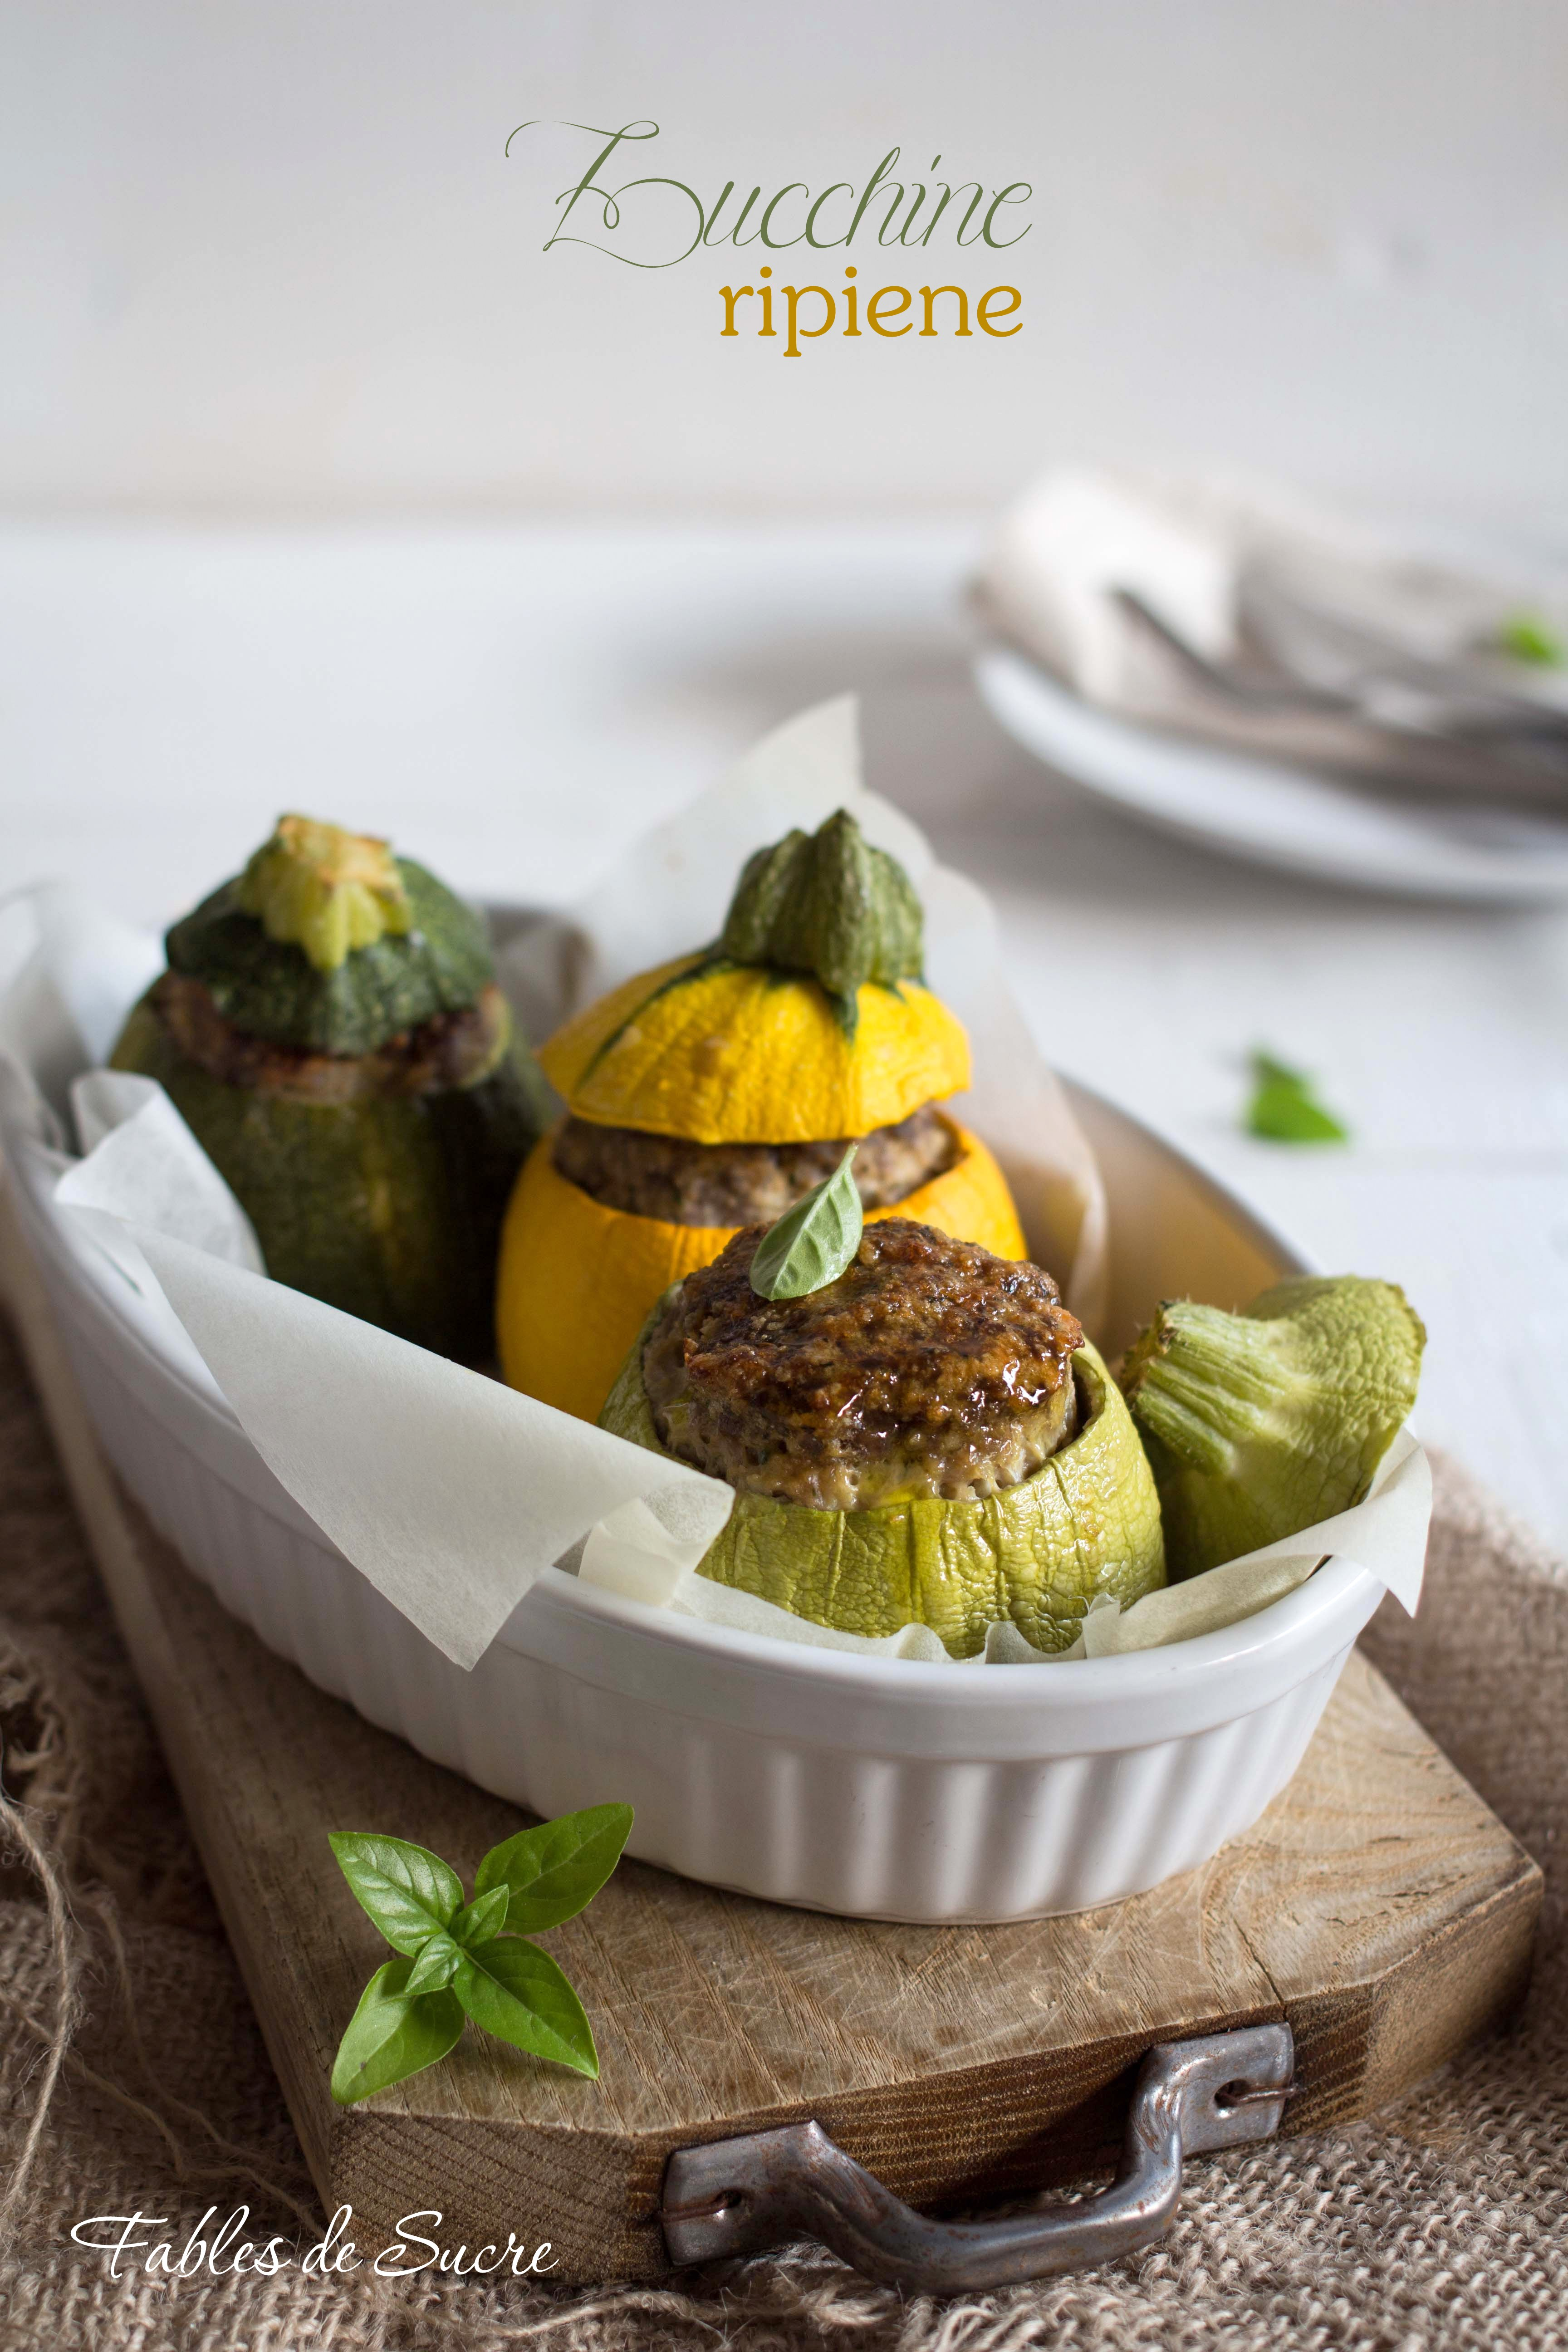 Zucchine tonde ripiene di carne fables de sucre for Cucinare zucchine tonde